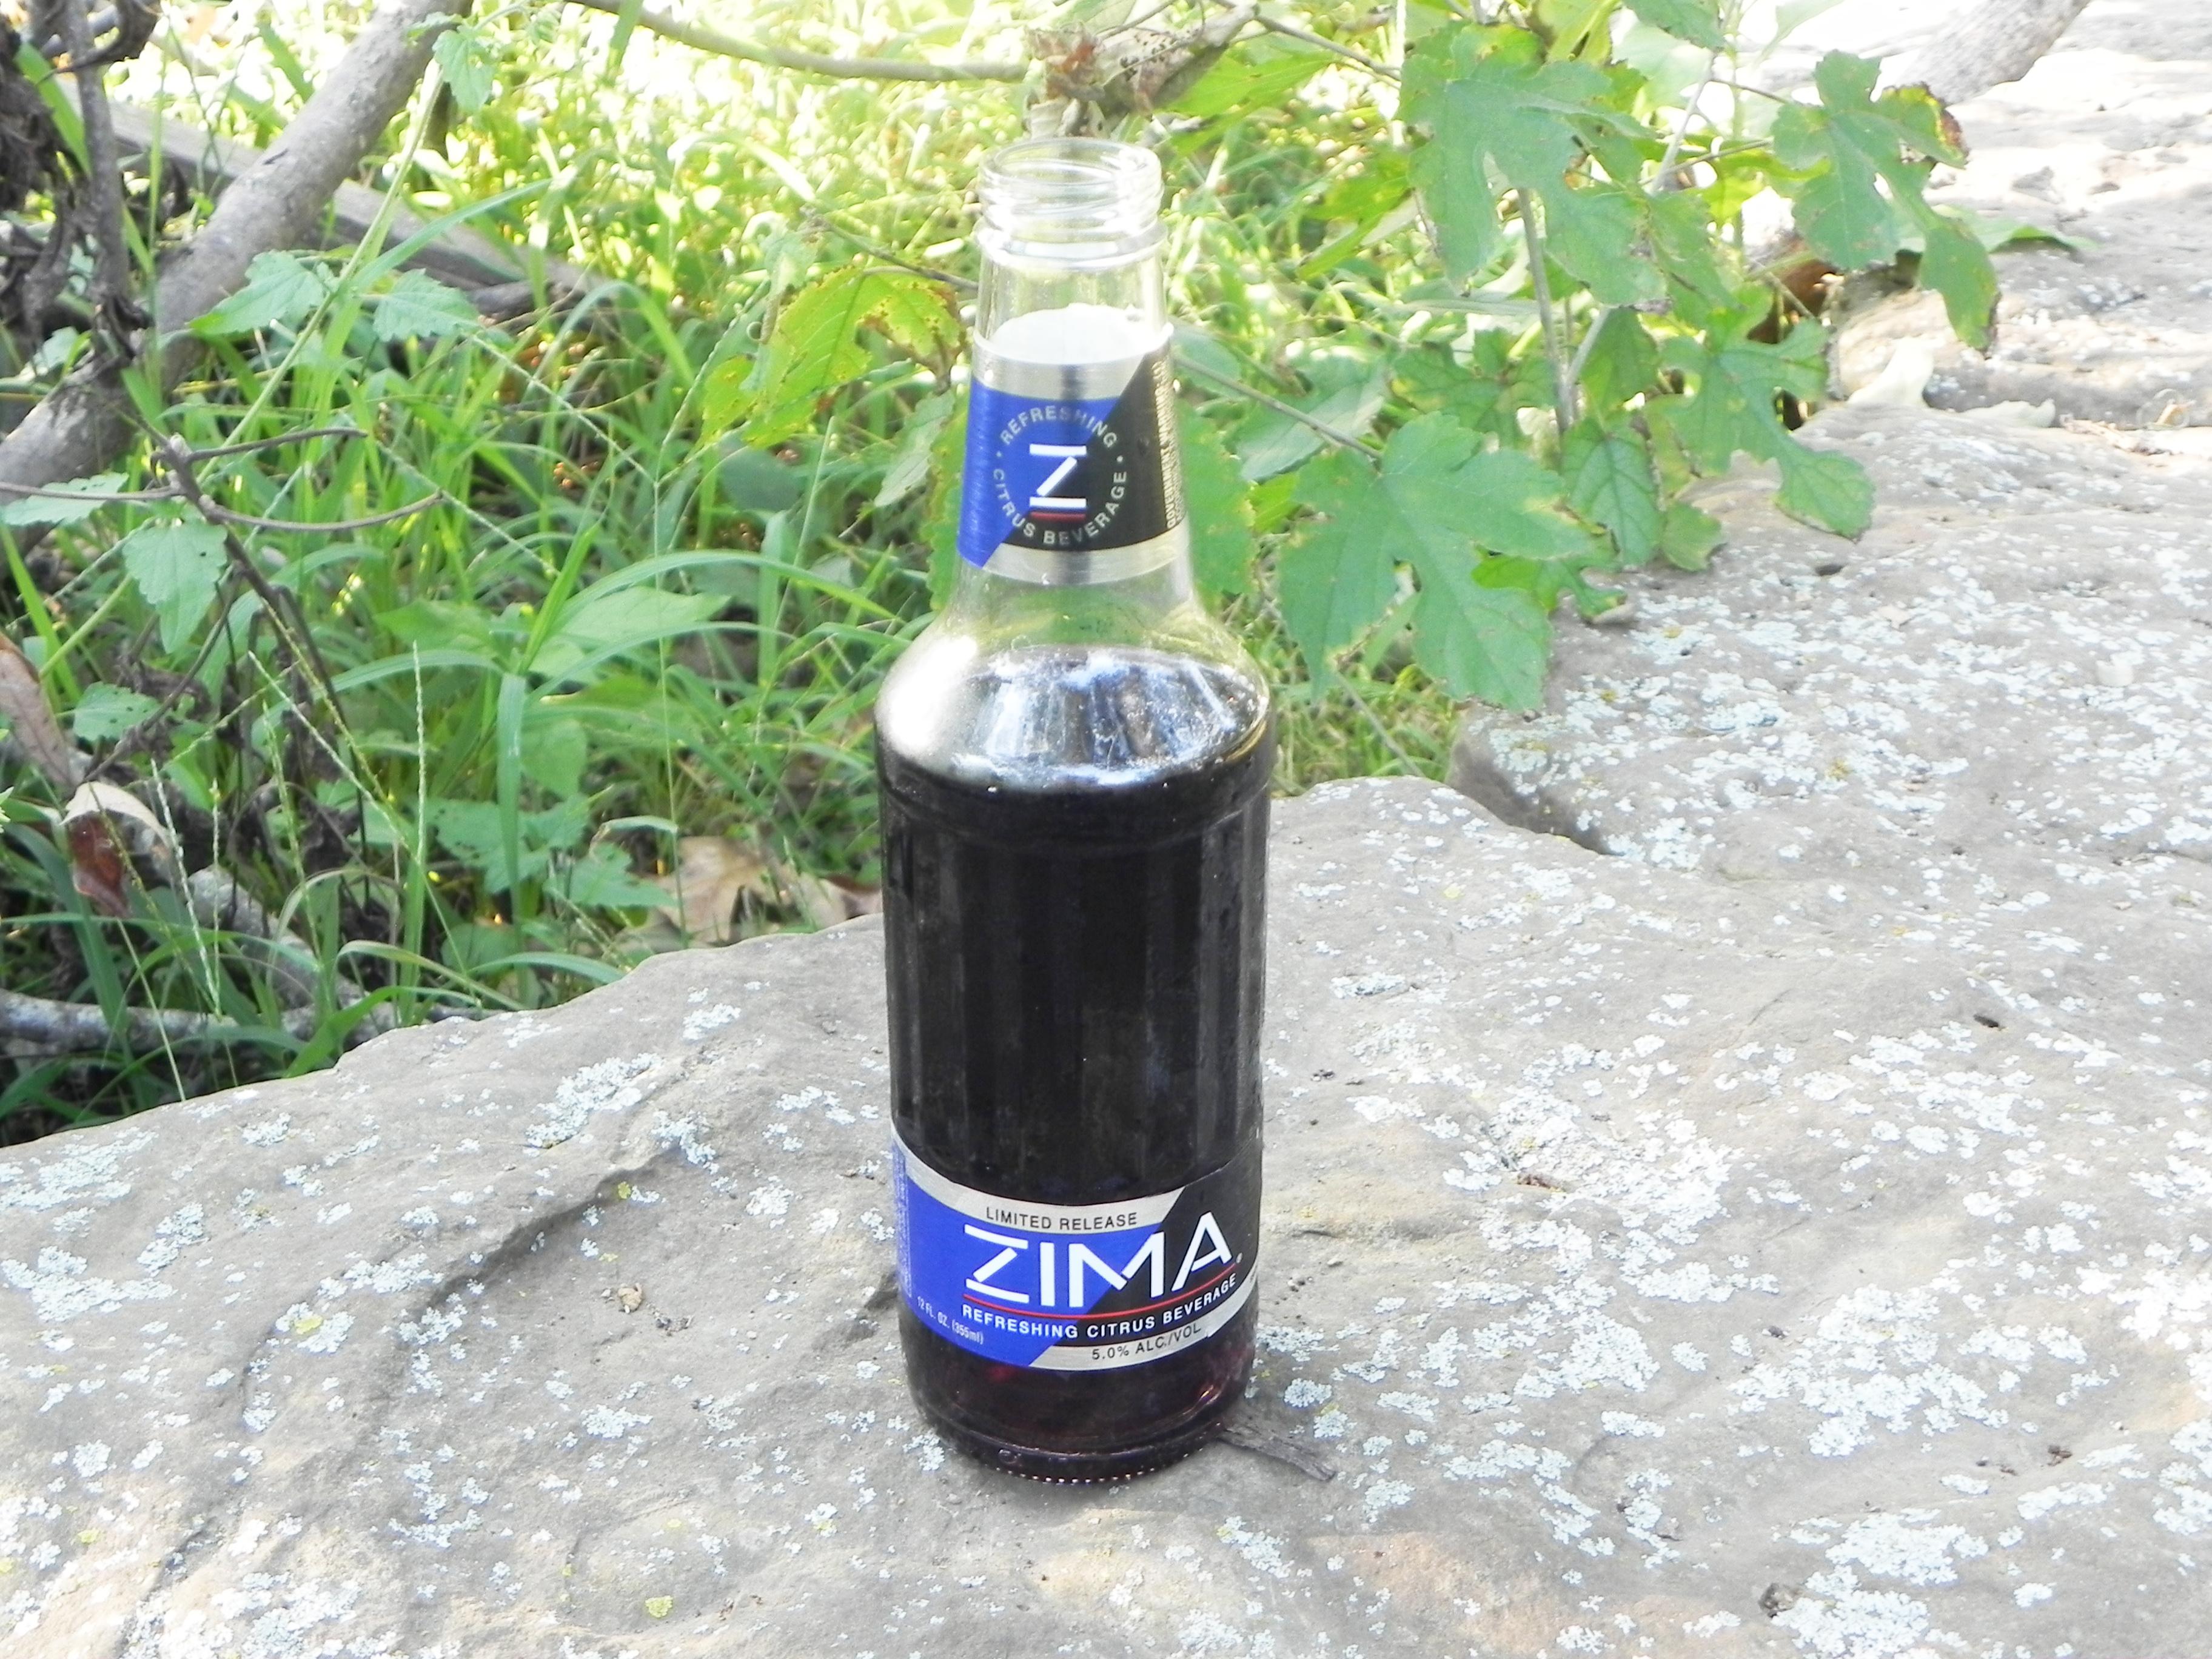 Zima Plus